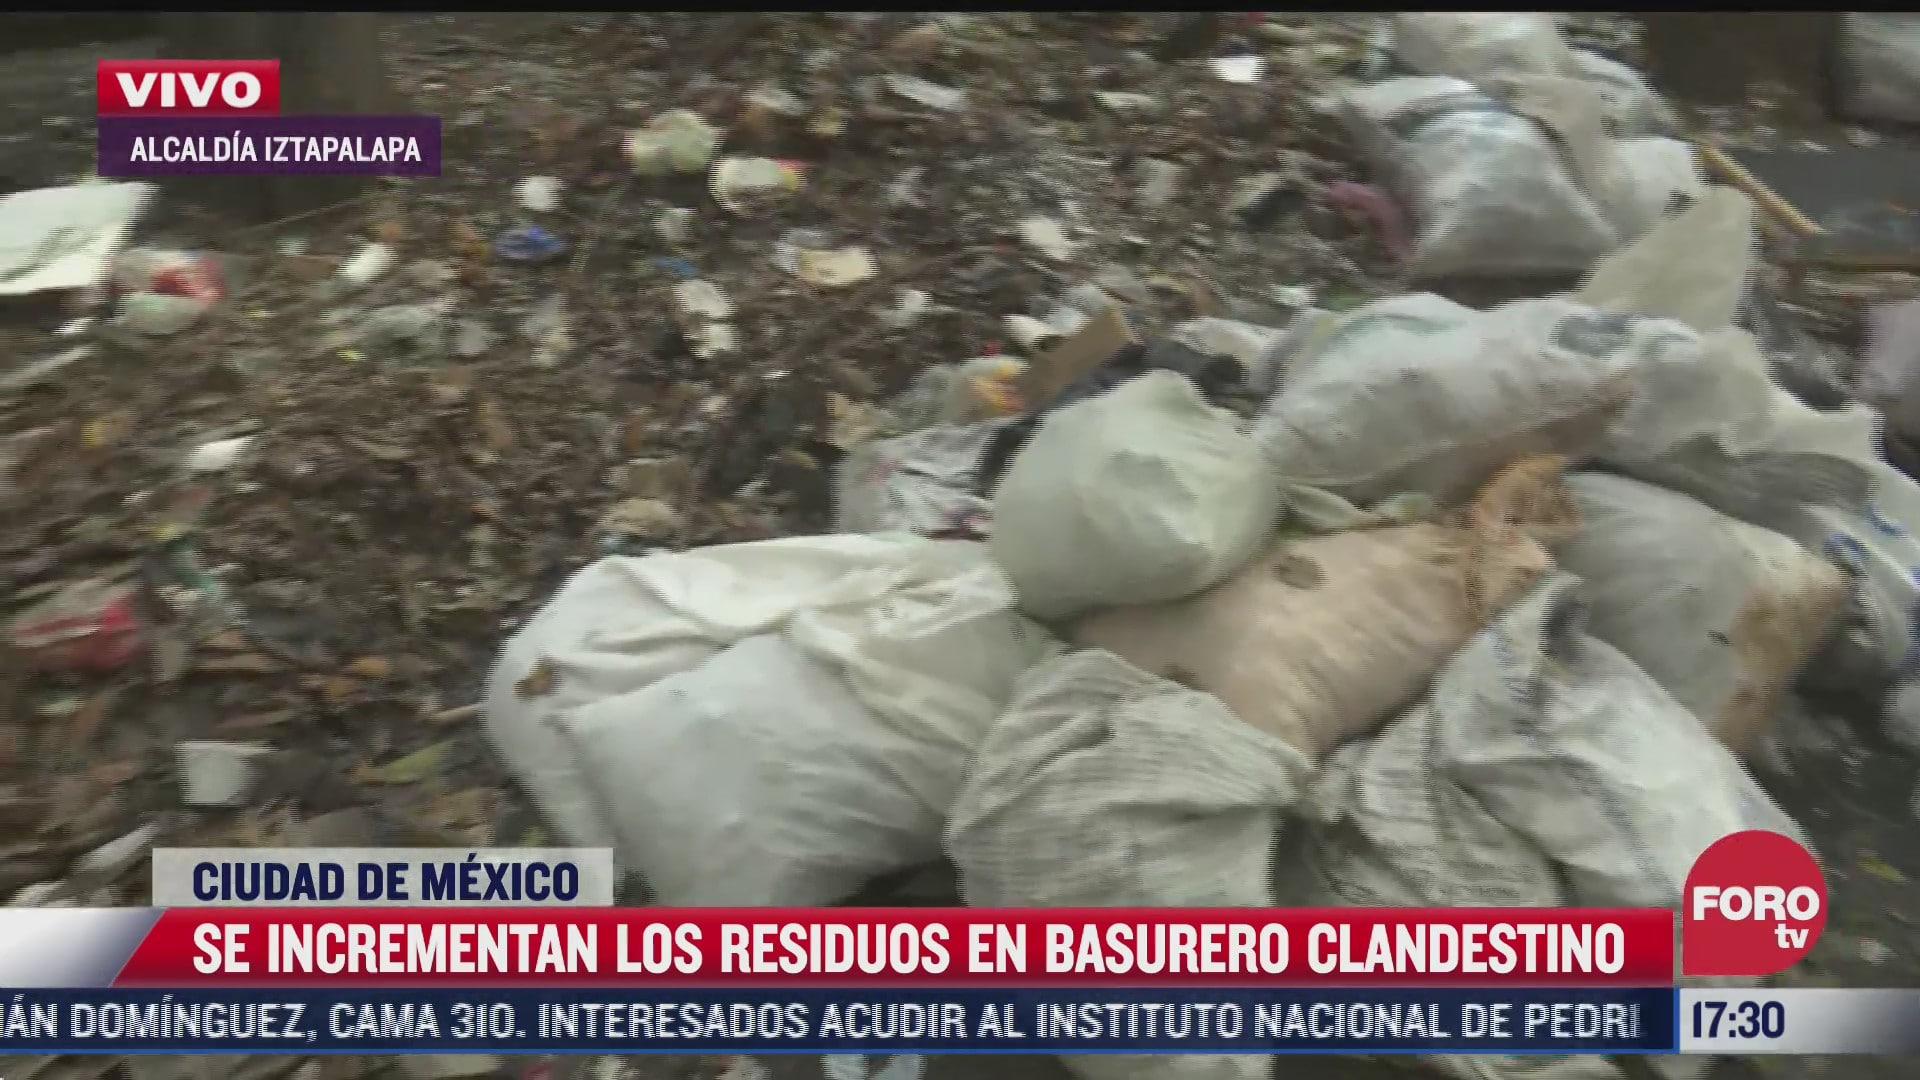 vecinos reportan deposito clandestino de basura en iztapalapa